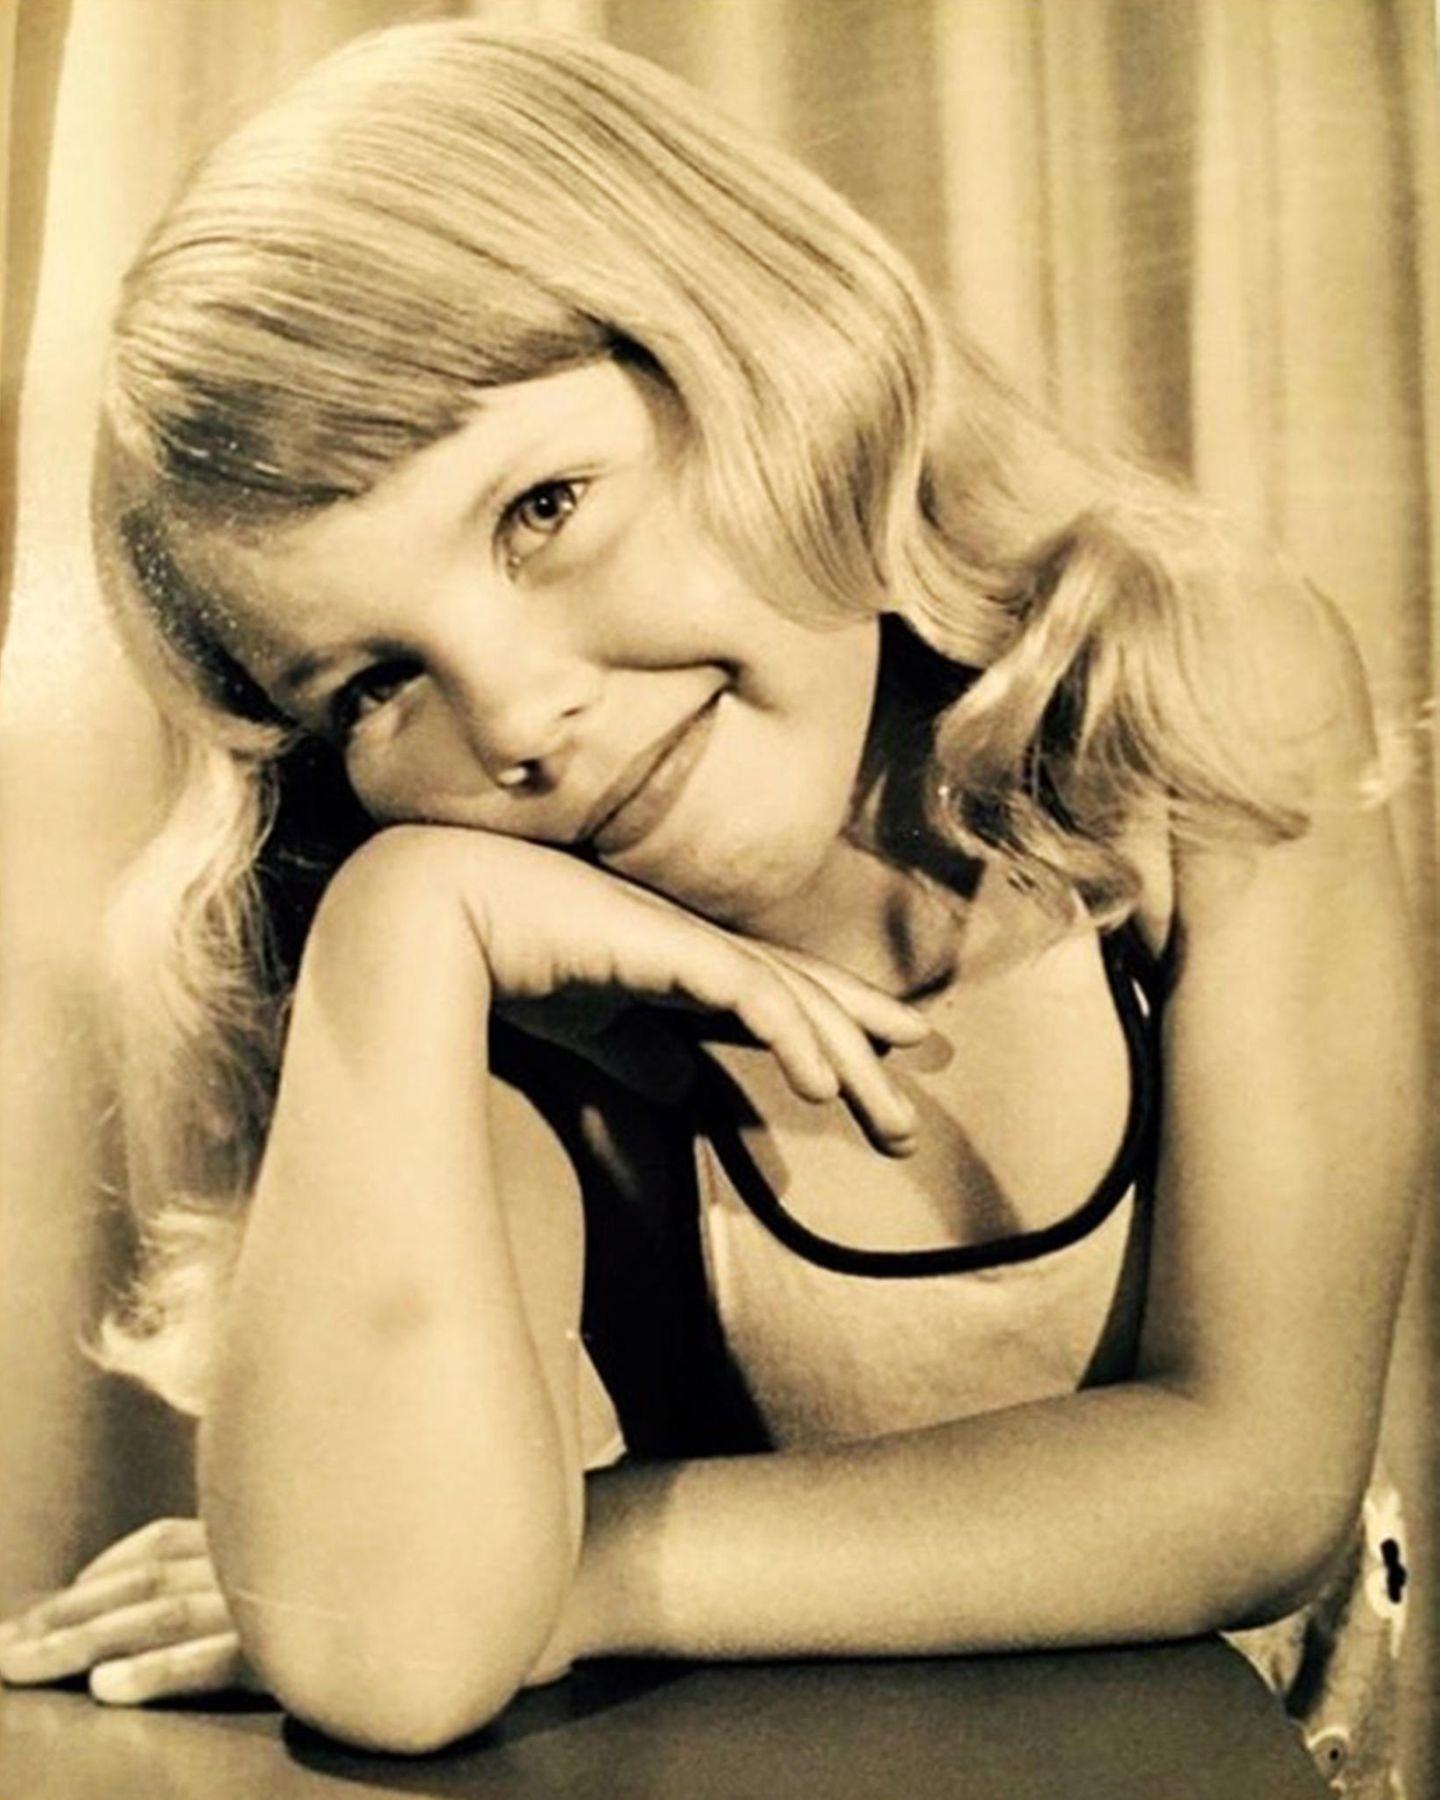 """Kylie Minogue   """"Wenn dieses kleine Mädchen nur gewusst hätte, was die Zukunft für sie bereithalten würde"""".  Mit diesem bezaubernden Kinderfoto als blonder Goldengel bedankt sich Kylie Minogue, die heute am 28. Mai ihren 51. Geburtstag feiert, für die vielen Glückwünsche."""